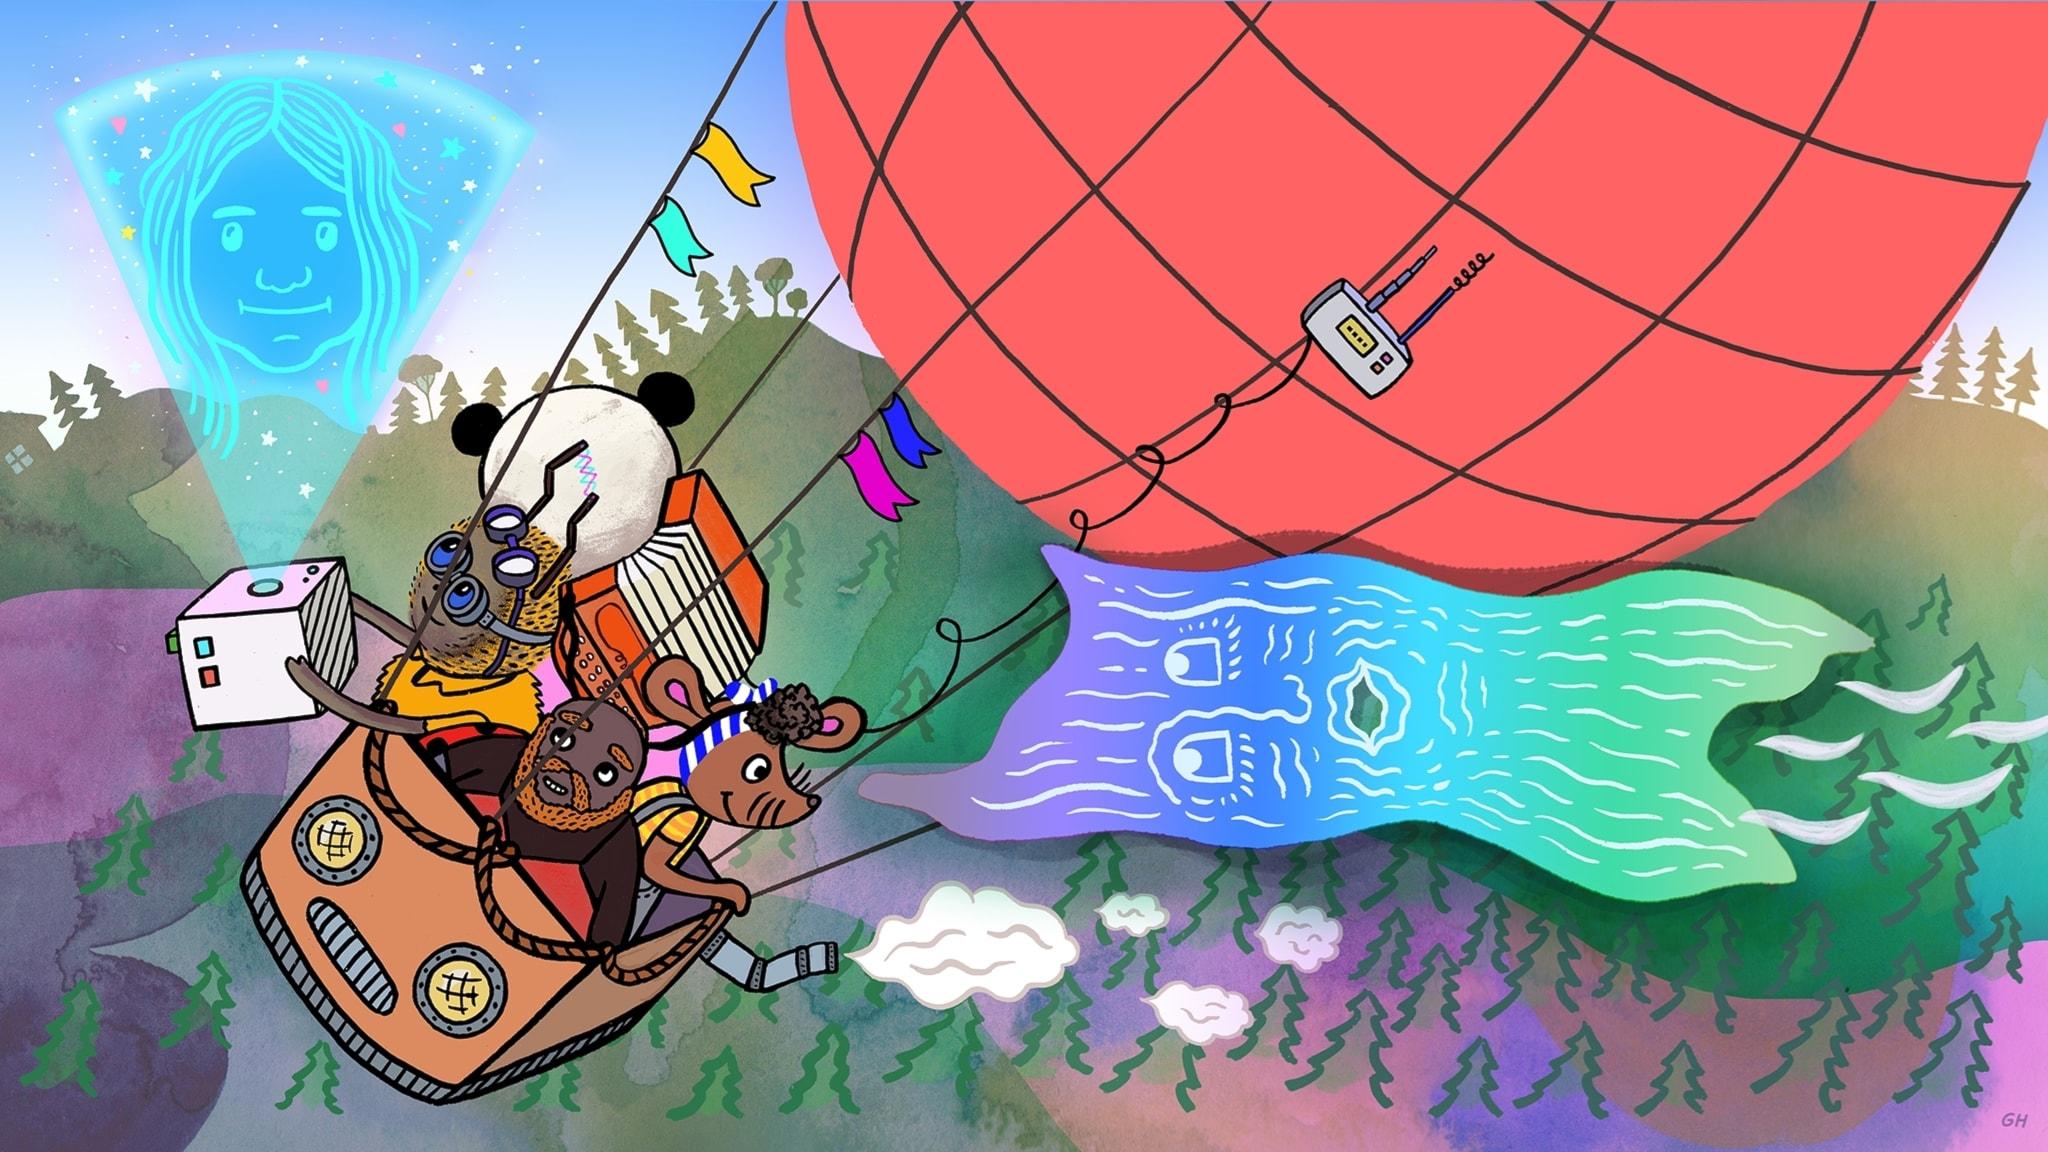 Magiska skogen räddar världen, del 3: Hilmas pruttballong